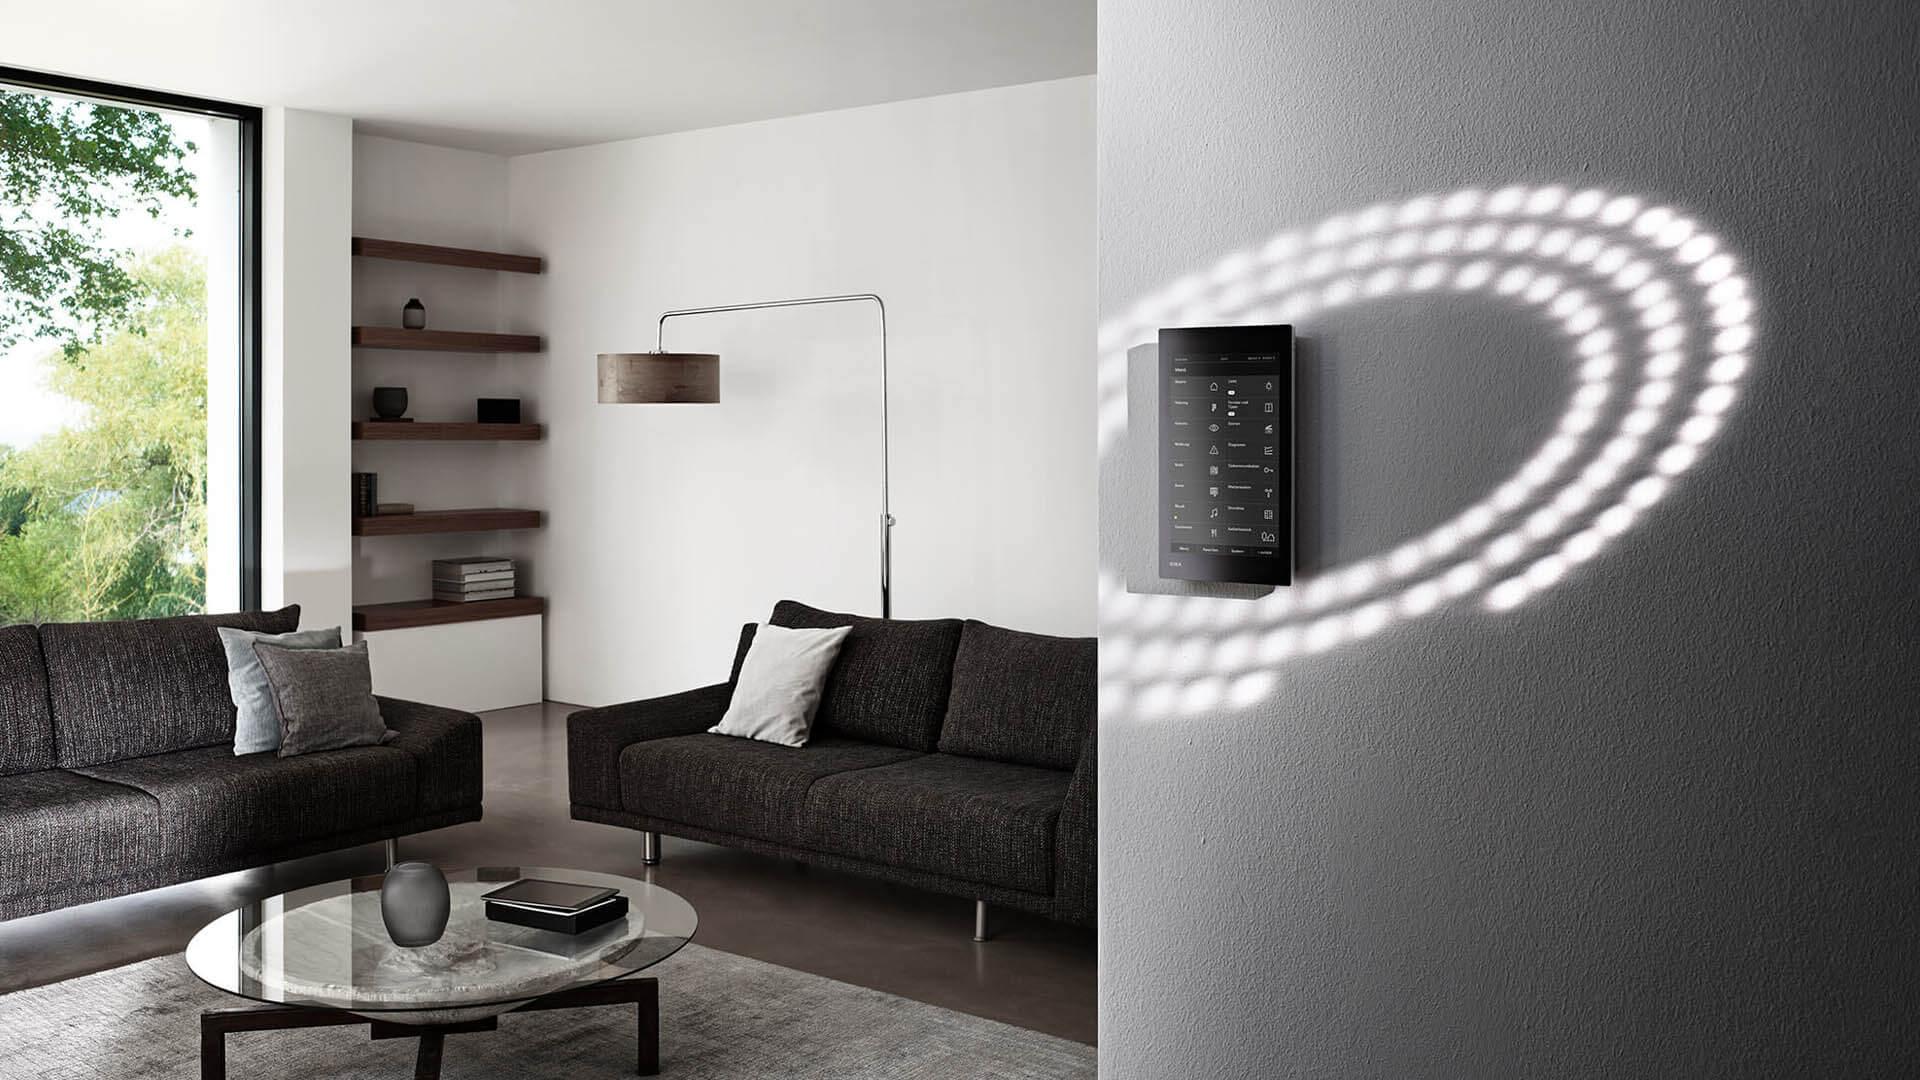 g1 milieu smart home